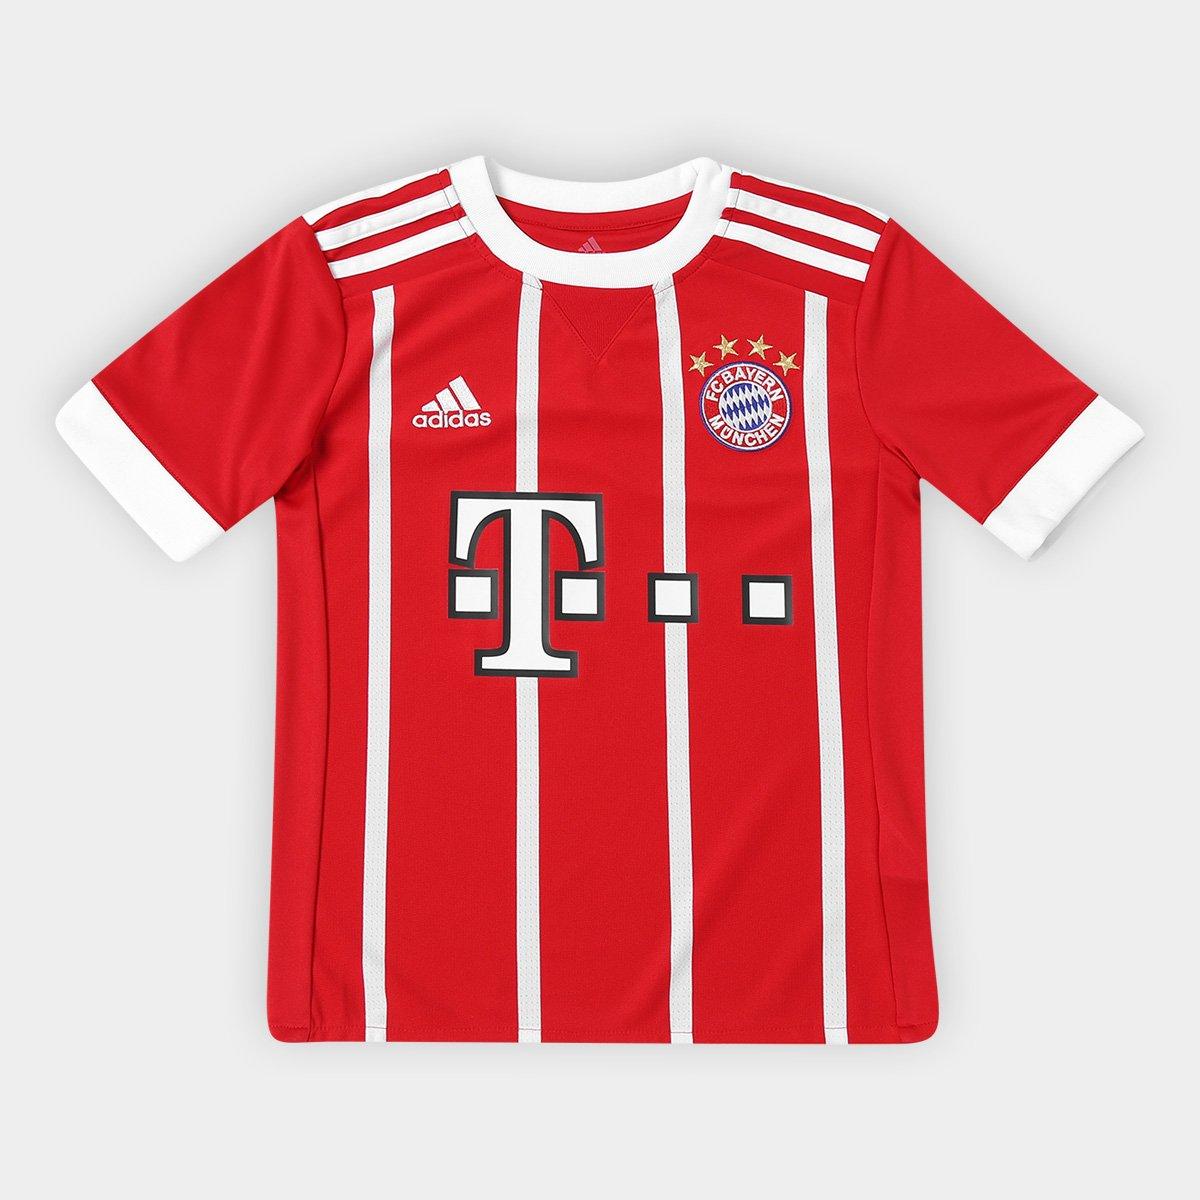 238a2fb3ca Camisa Bayern de Munique Infantil Home 17/18 s/nº - Torcedor Adidas -  Vermelho | Allianz Parque Shop